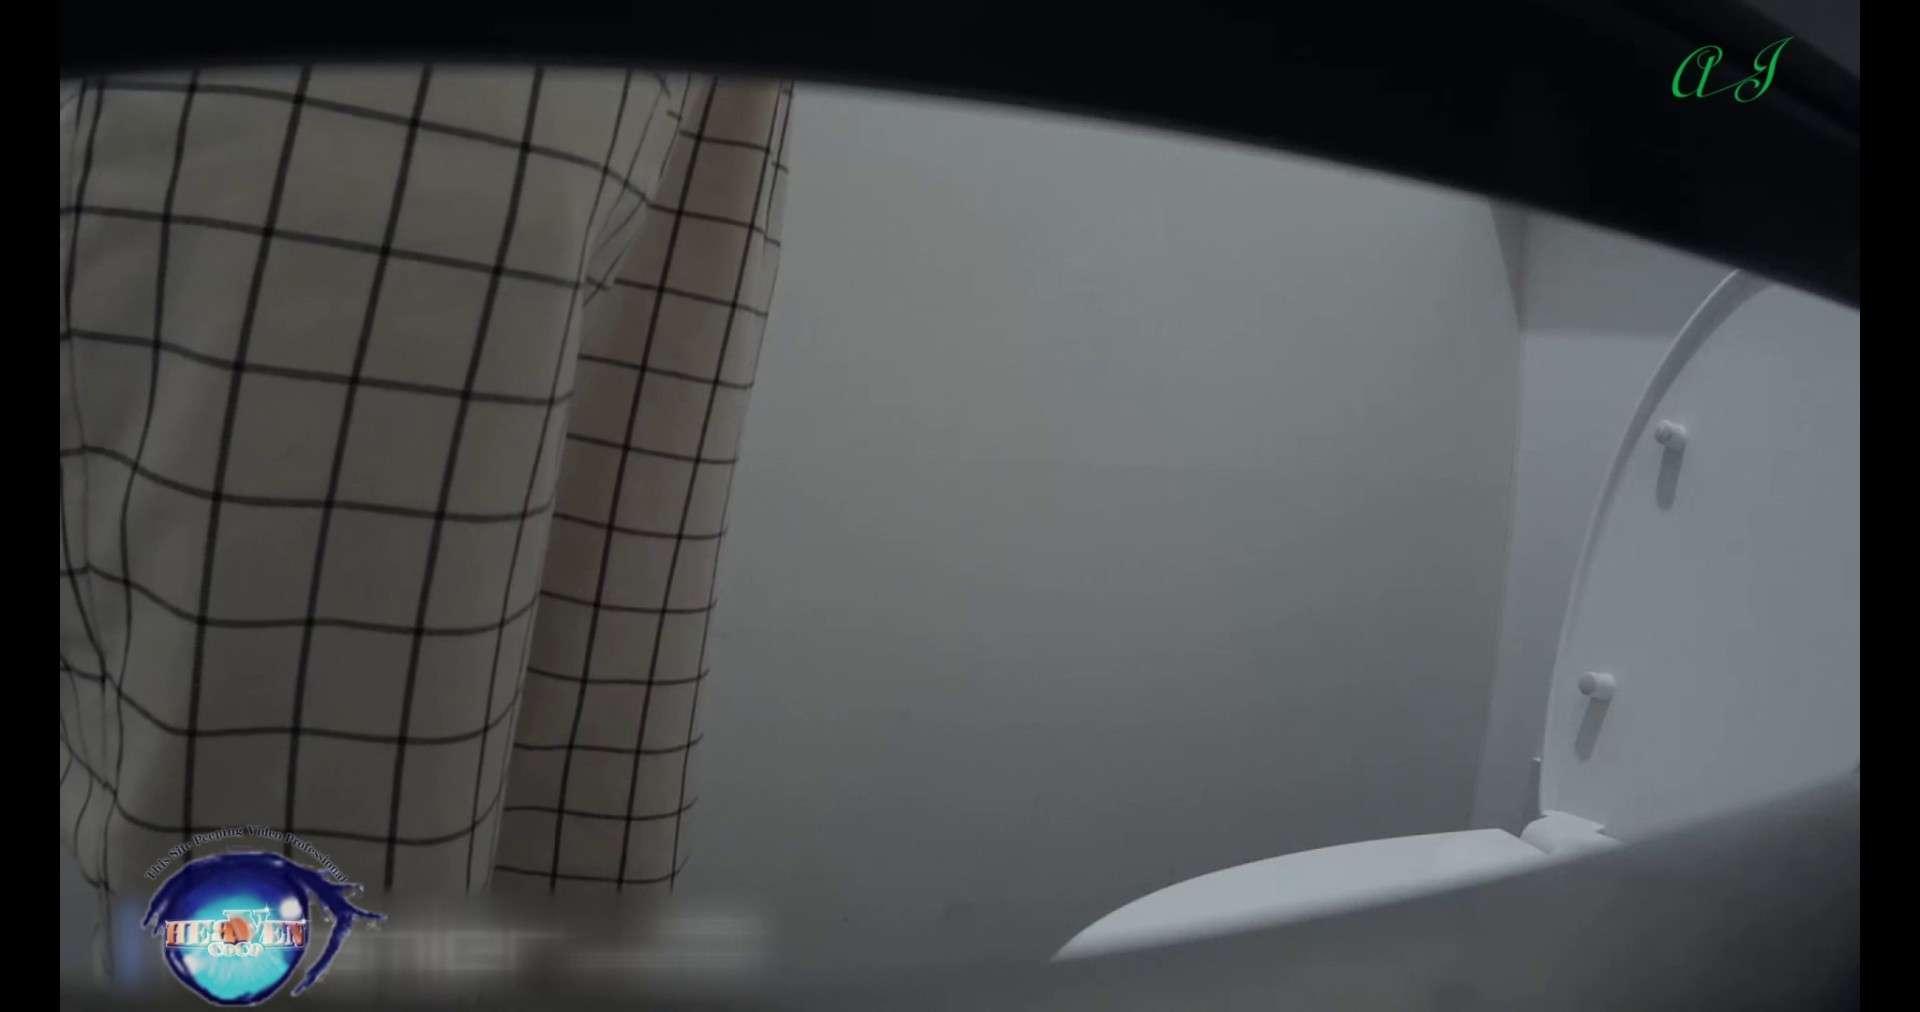 【某有名大学女性洗面所】有名大学女性洗面所 vol.74 前編 美しいOLの裸体 オメコ無修正動画無料 77pic 18